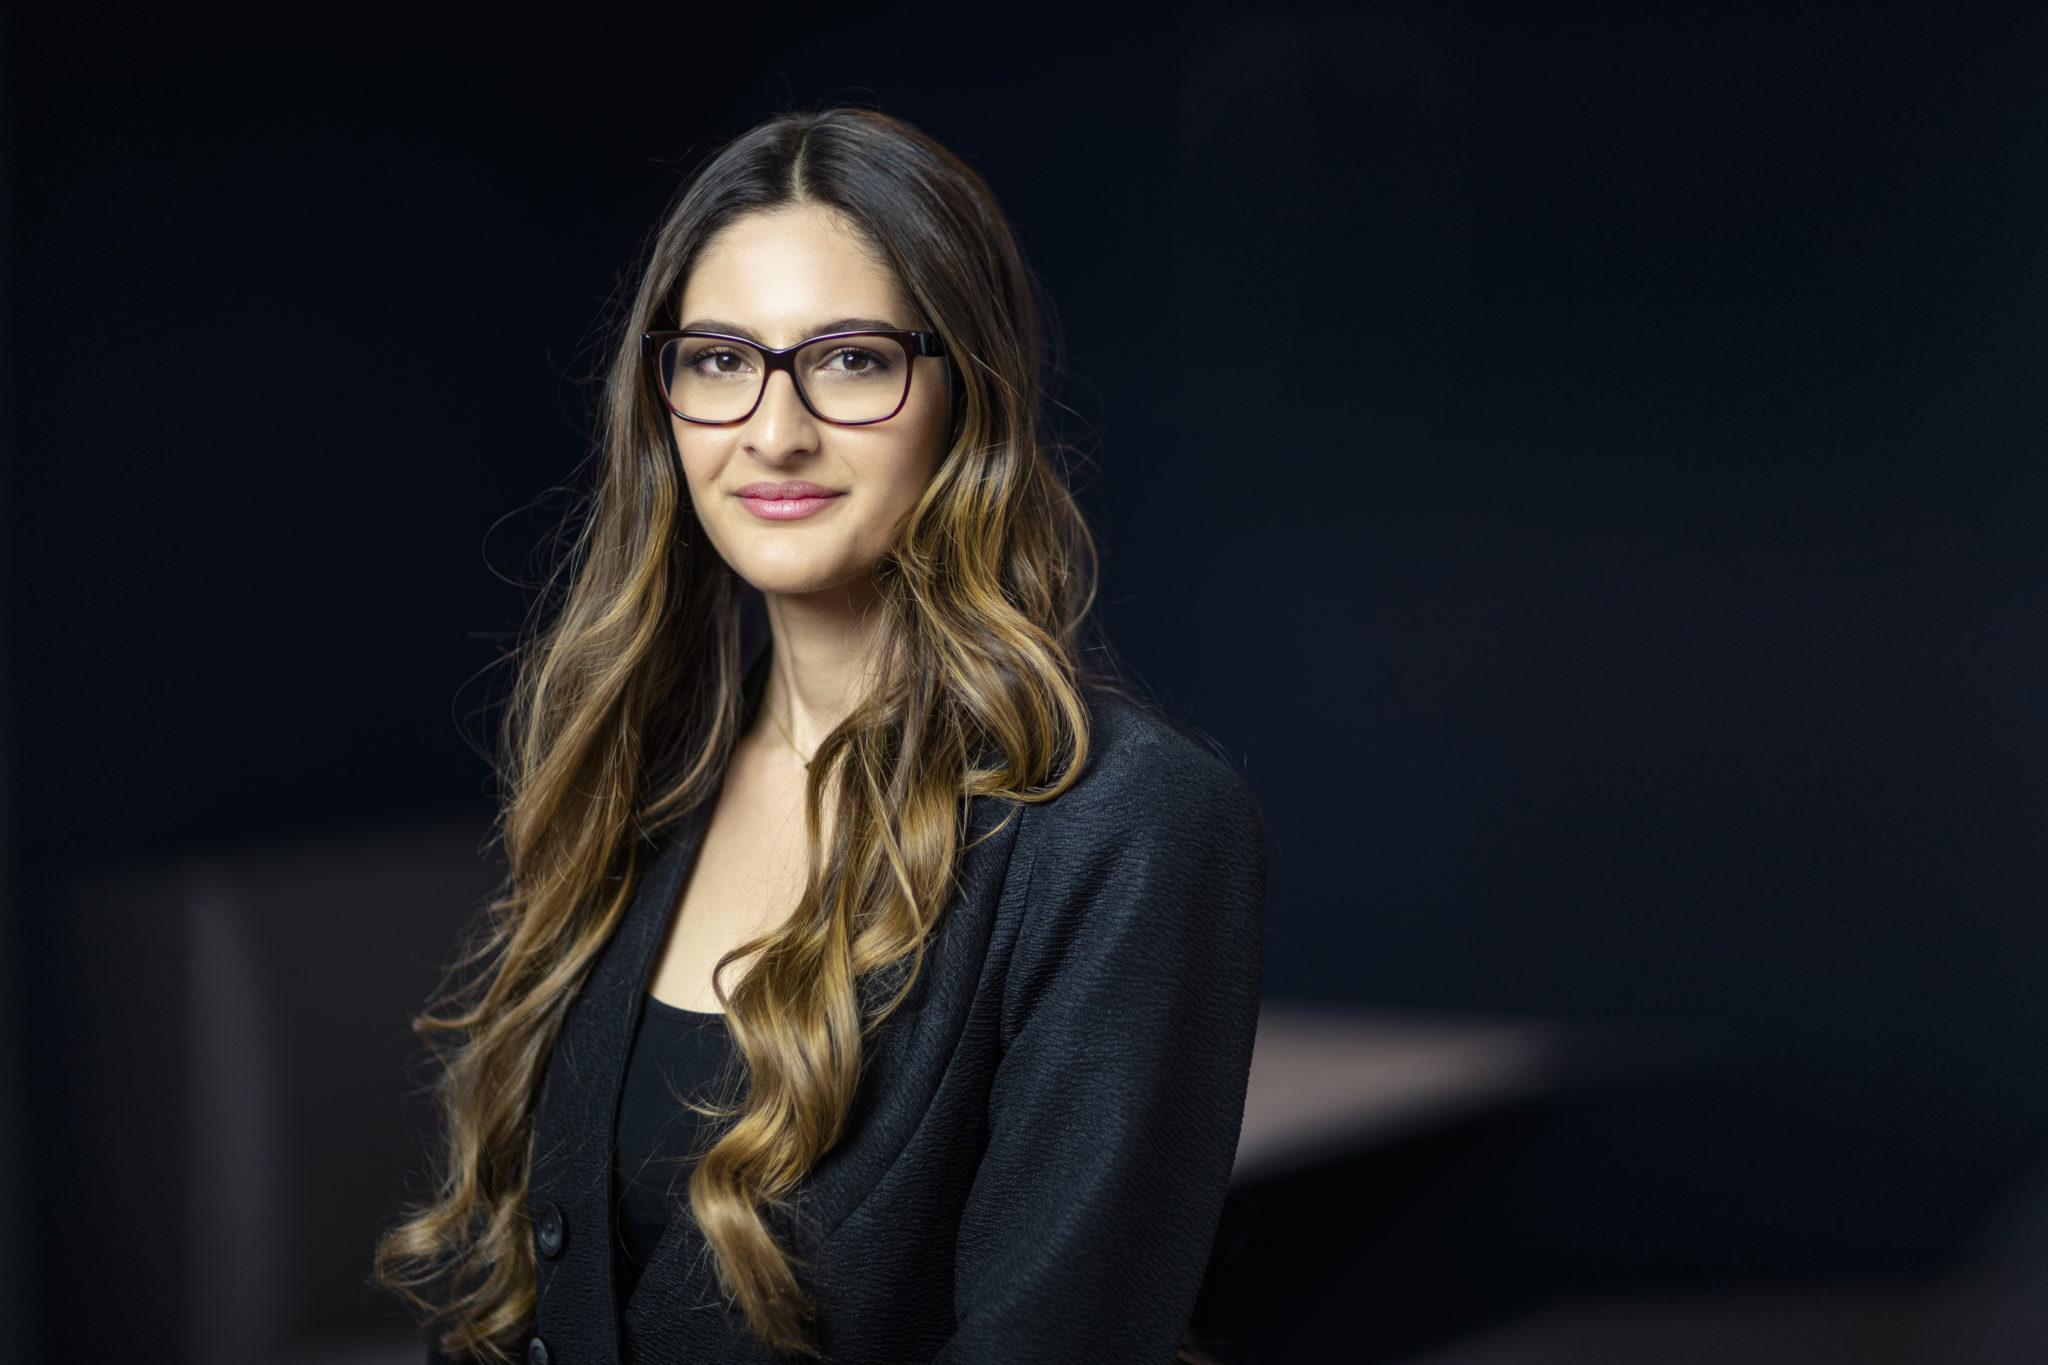 Elmira Ghanbarzadeh